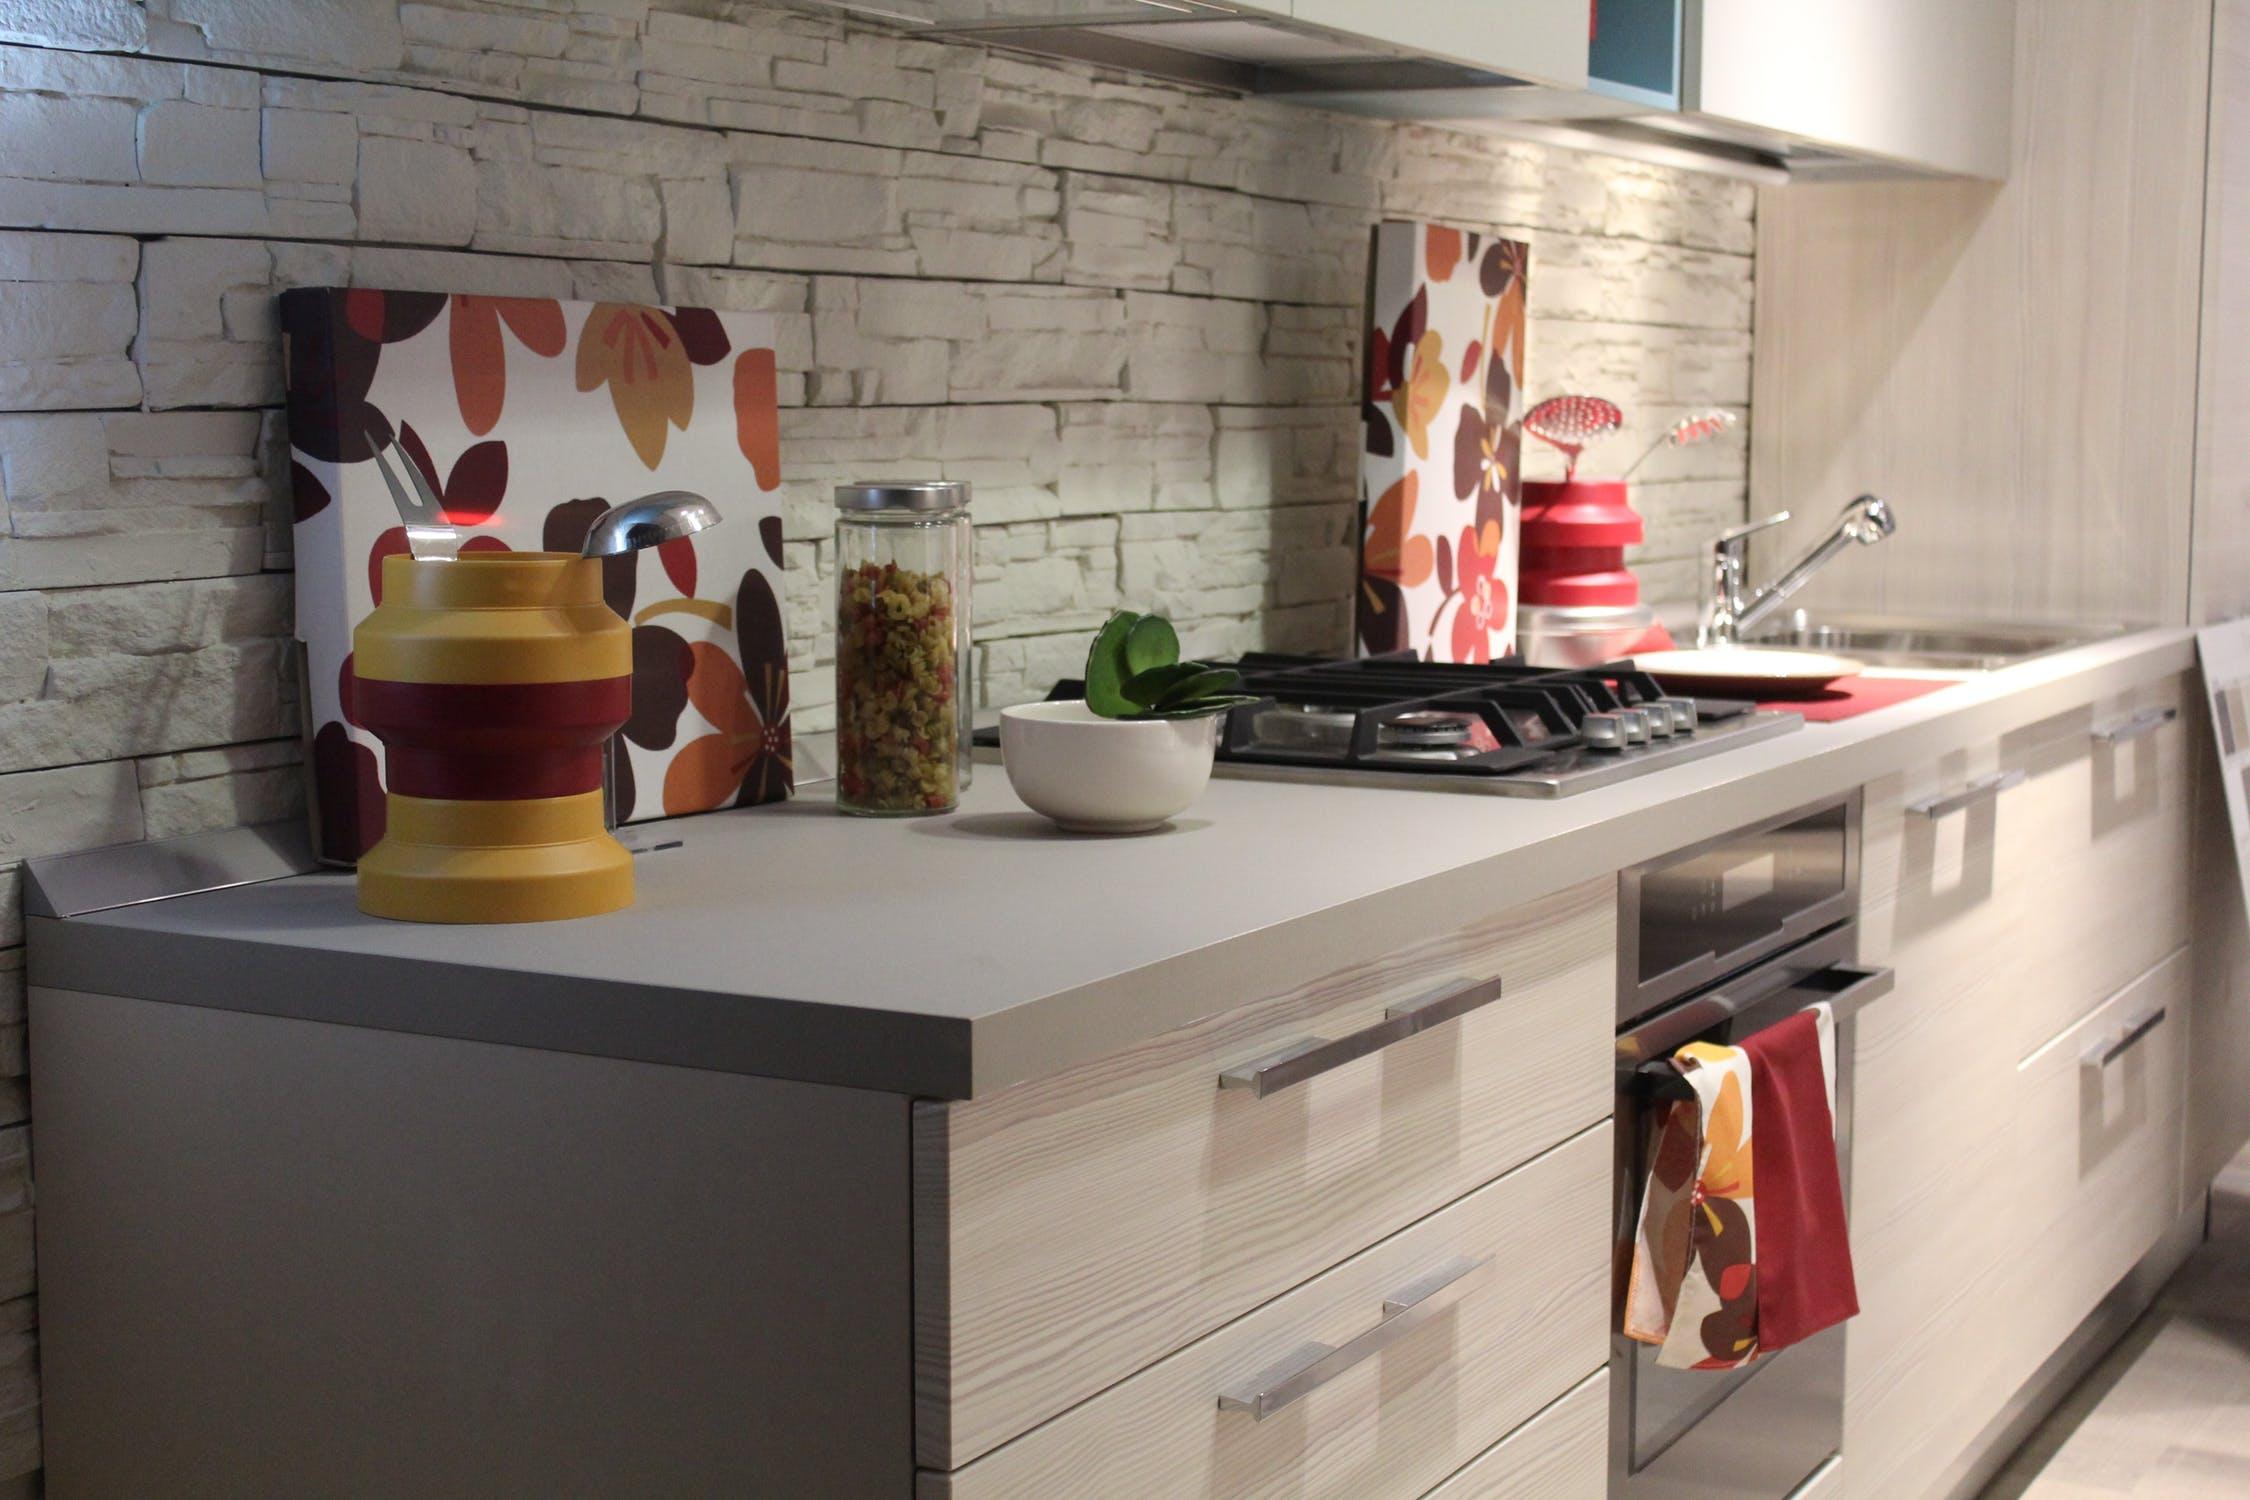 Kosten Nieuwe Keuken : Keukenrenovatie of een nieuwe keuken kopen? u2013 anna villa